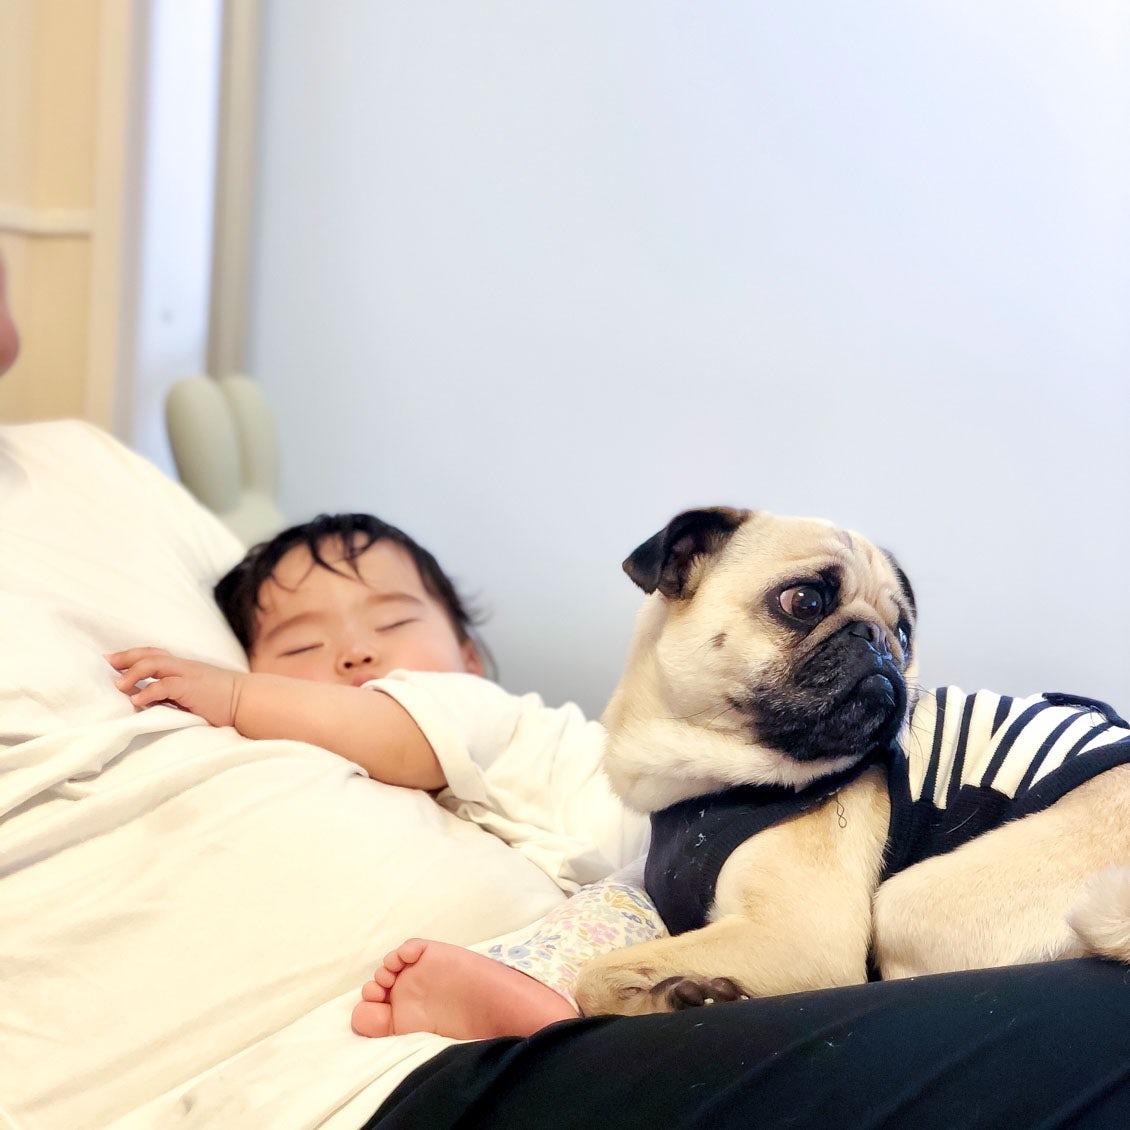 【うちのイヌ、うちのネコ】焼き鳥屋でひらめいた「つくね」という名前。家族に笑顔をはこんでくれる、パグとの暮らし。